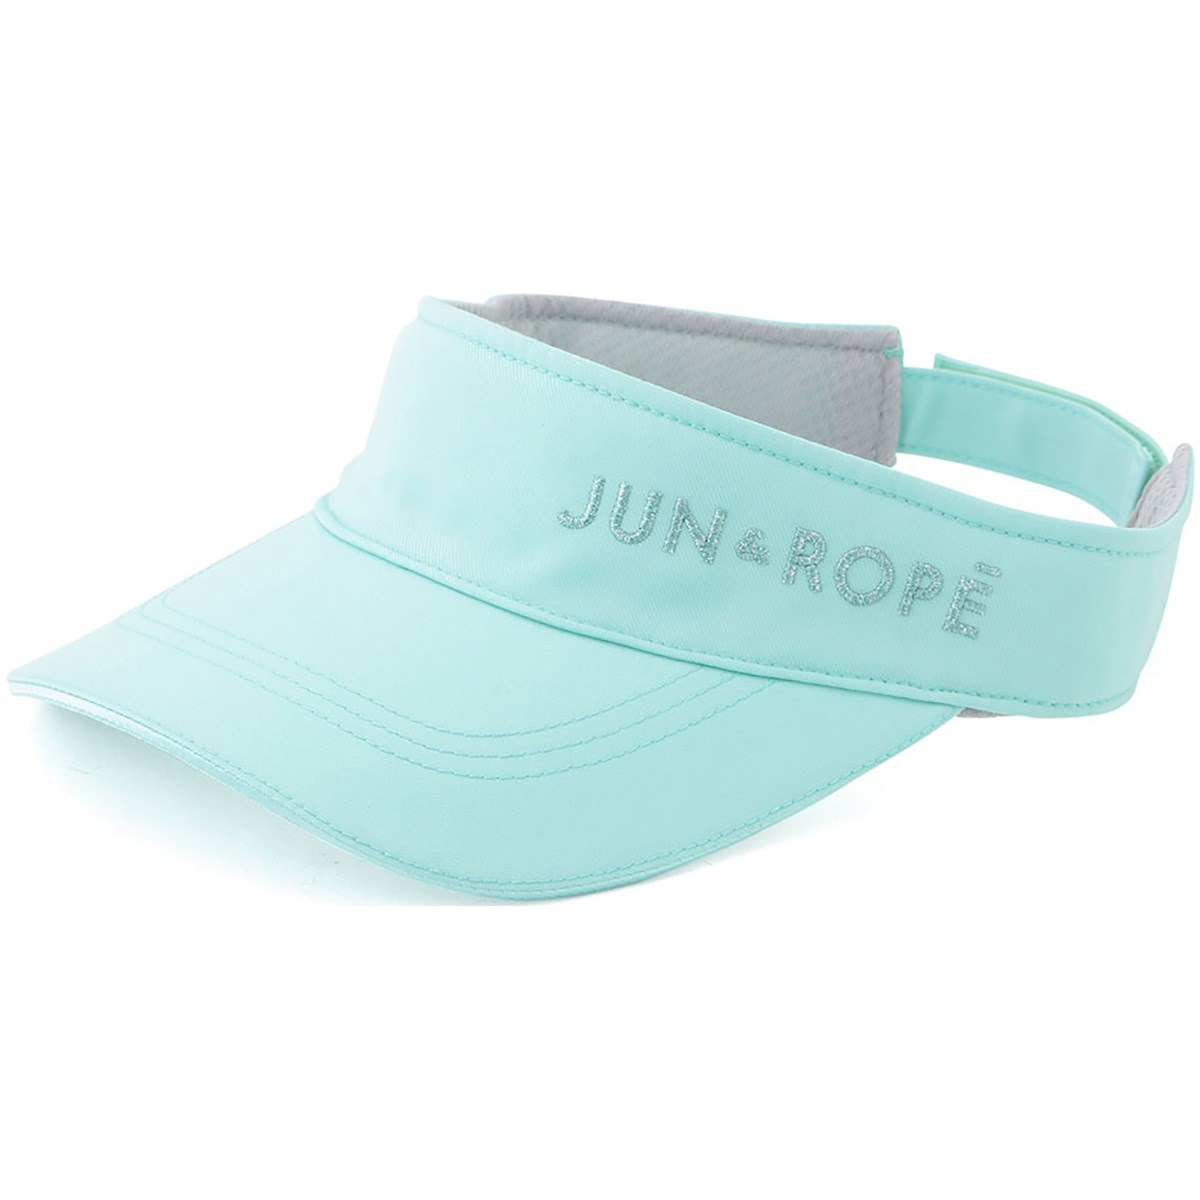 ジュン アンド ロペ JUN & ROPE 立体ラメ刺繍ロゴサンバイザー フリー ミント 33 レディス